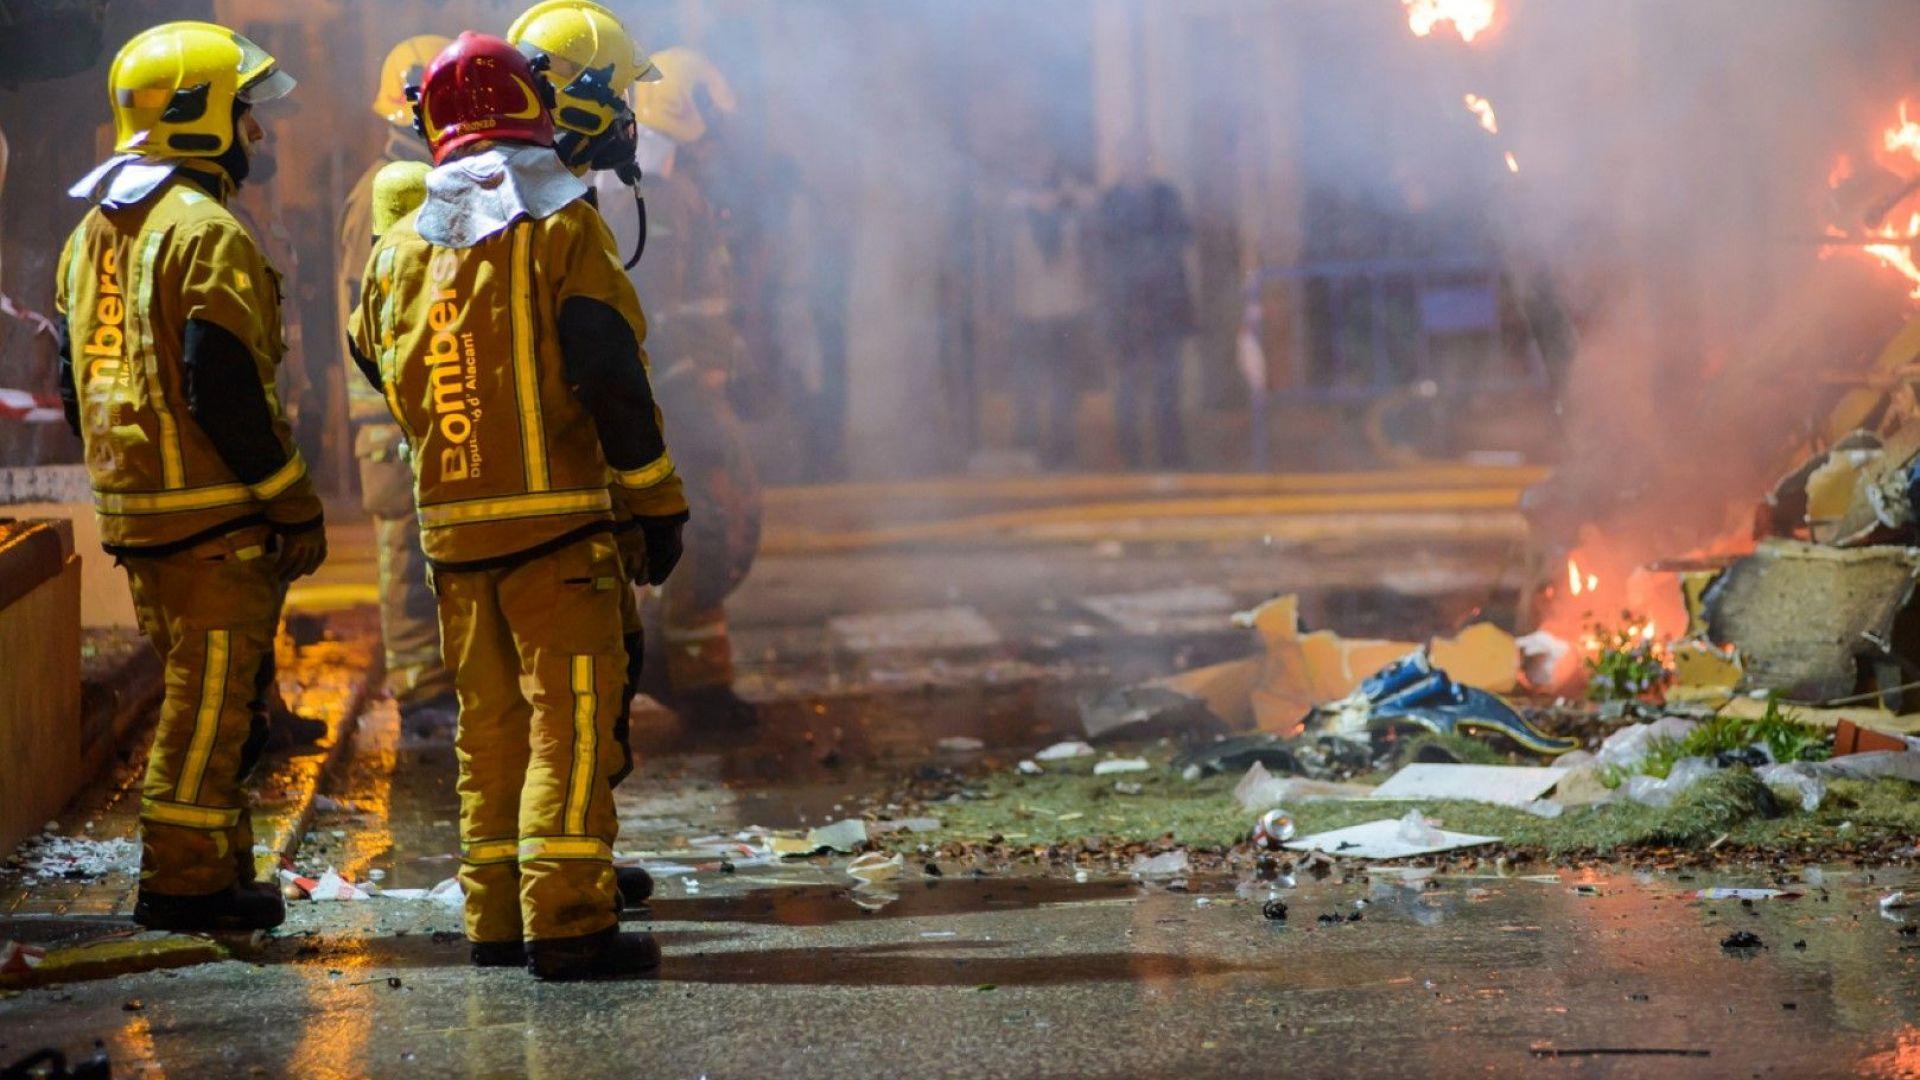 26 души са пострадали при пожар в близост до катедралата